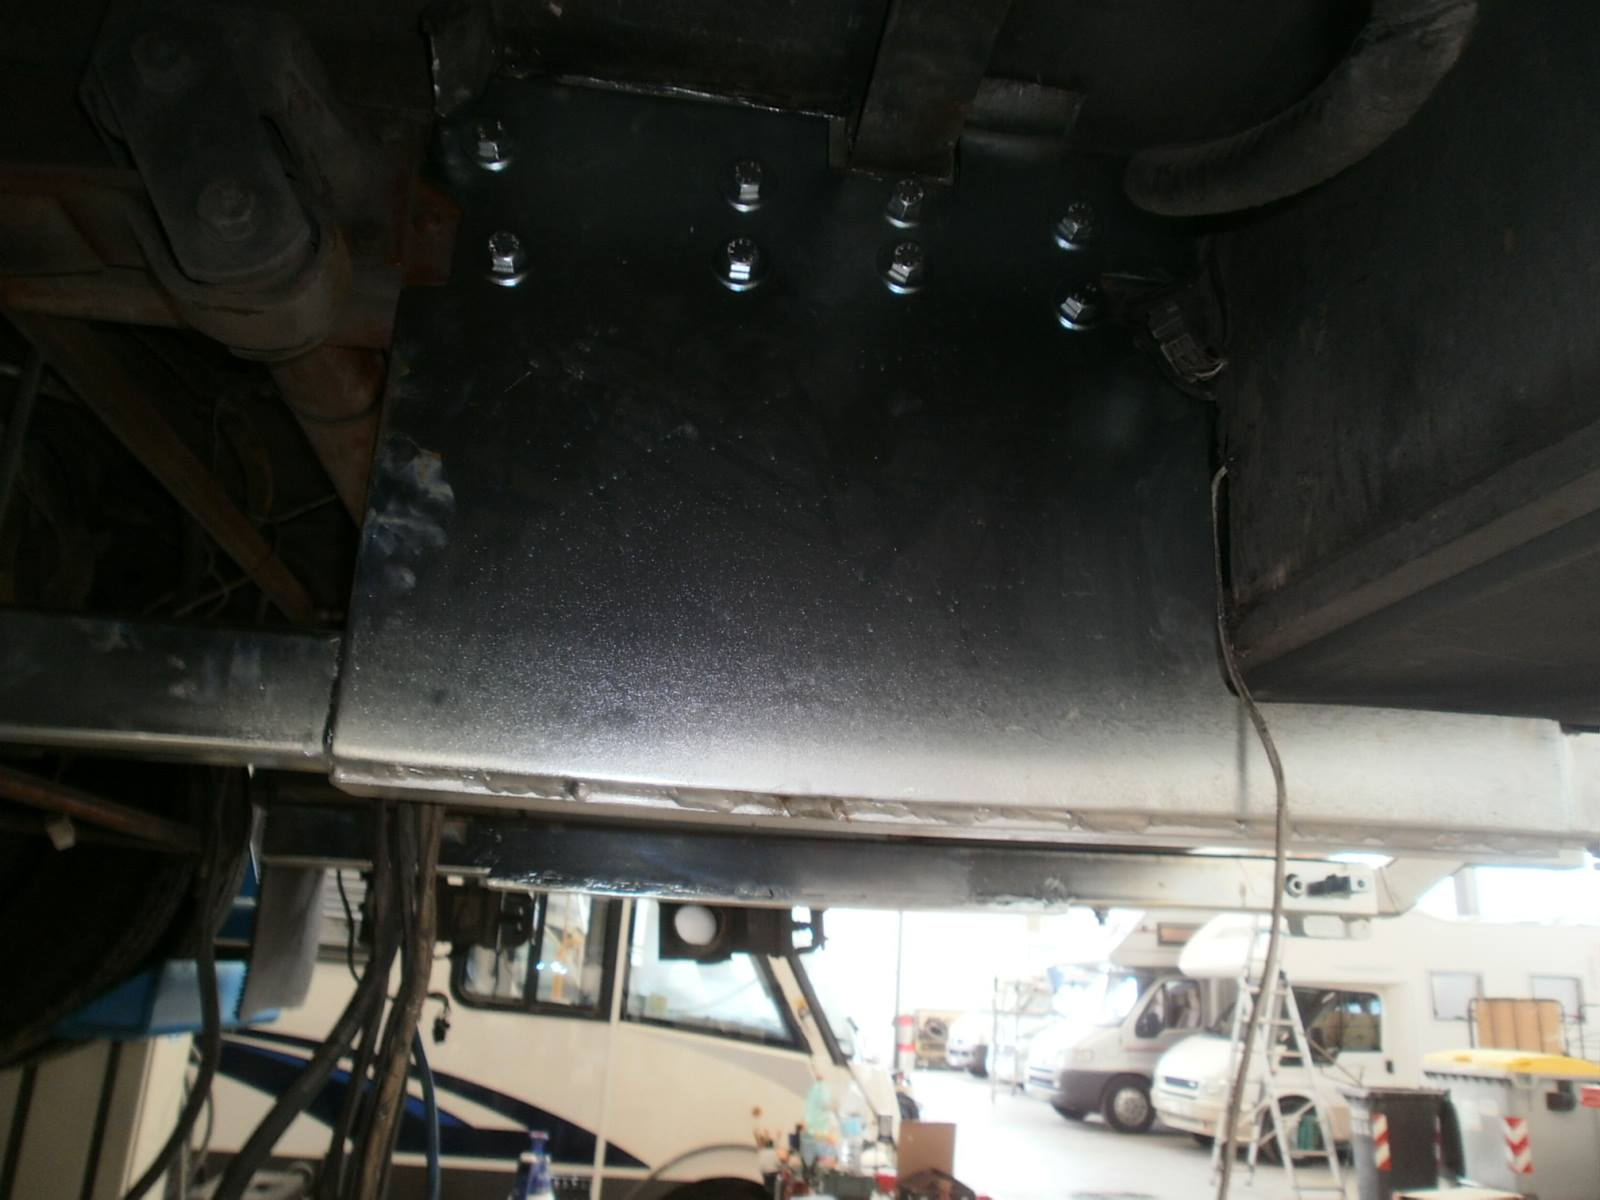 installazione-portamoto-vas14